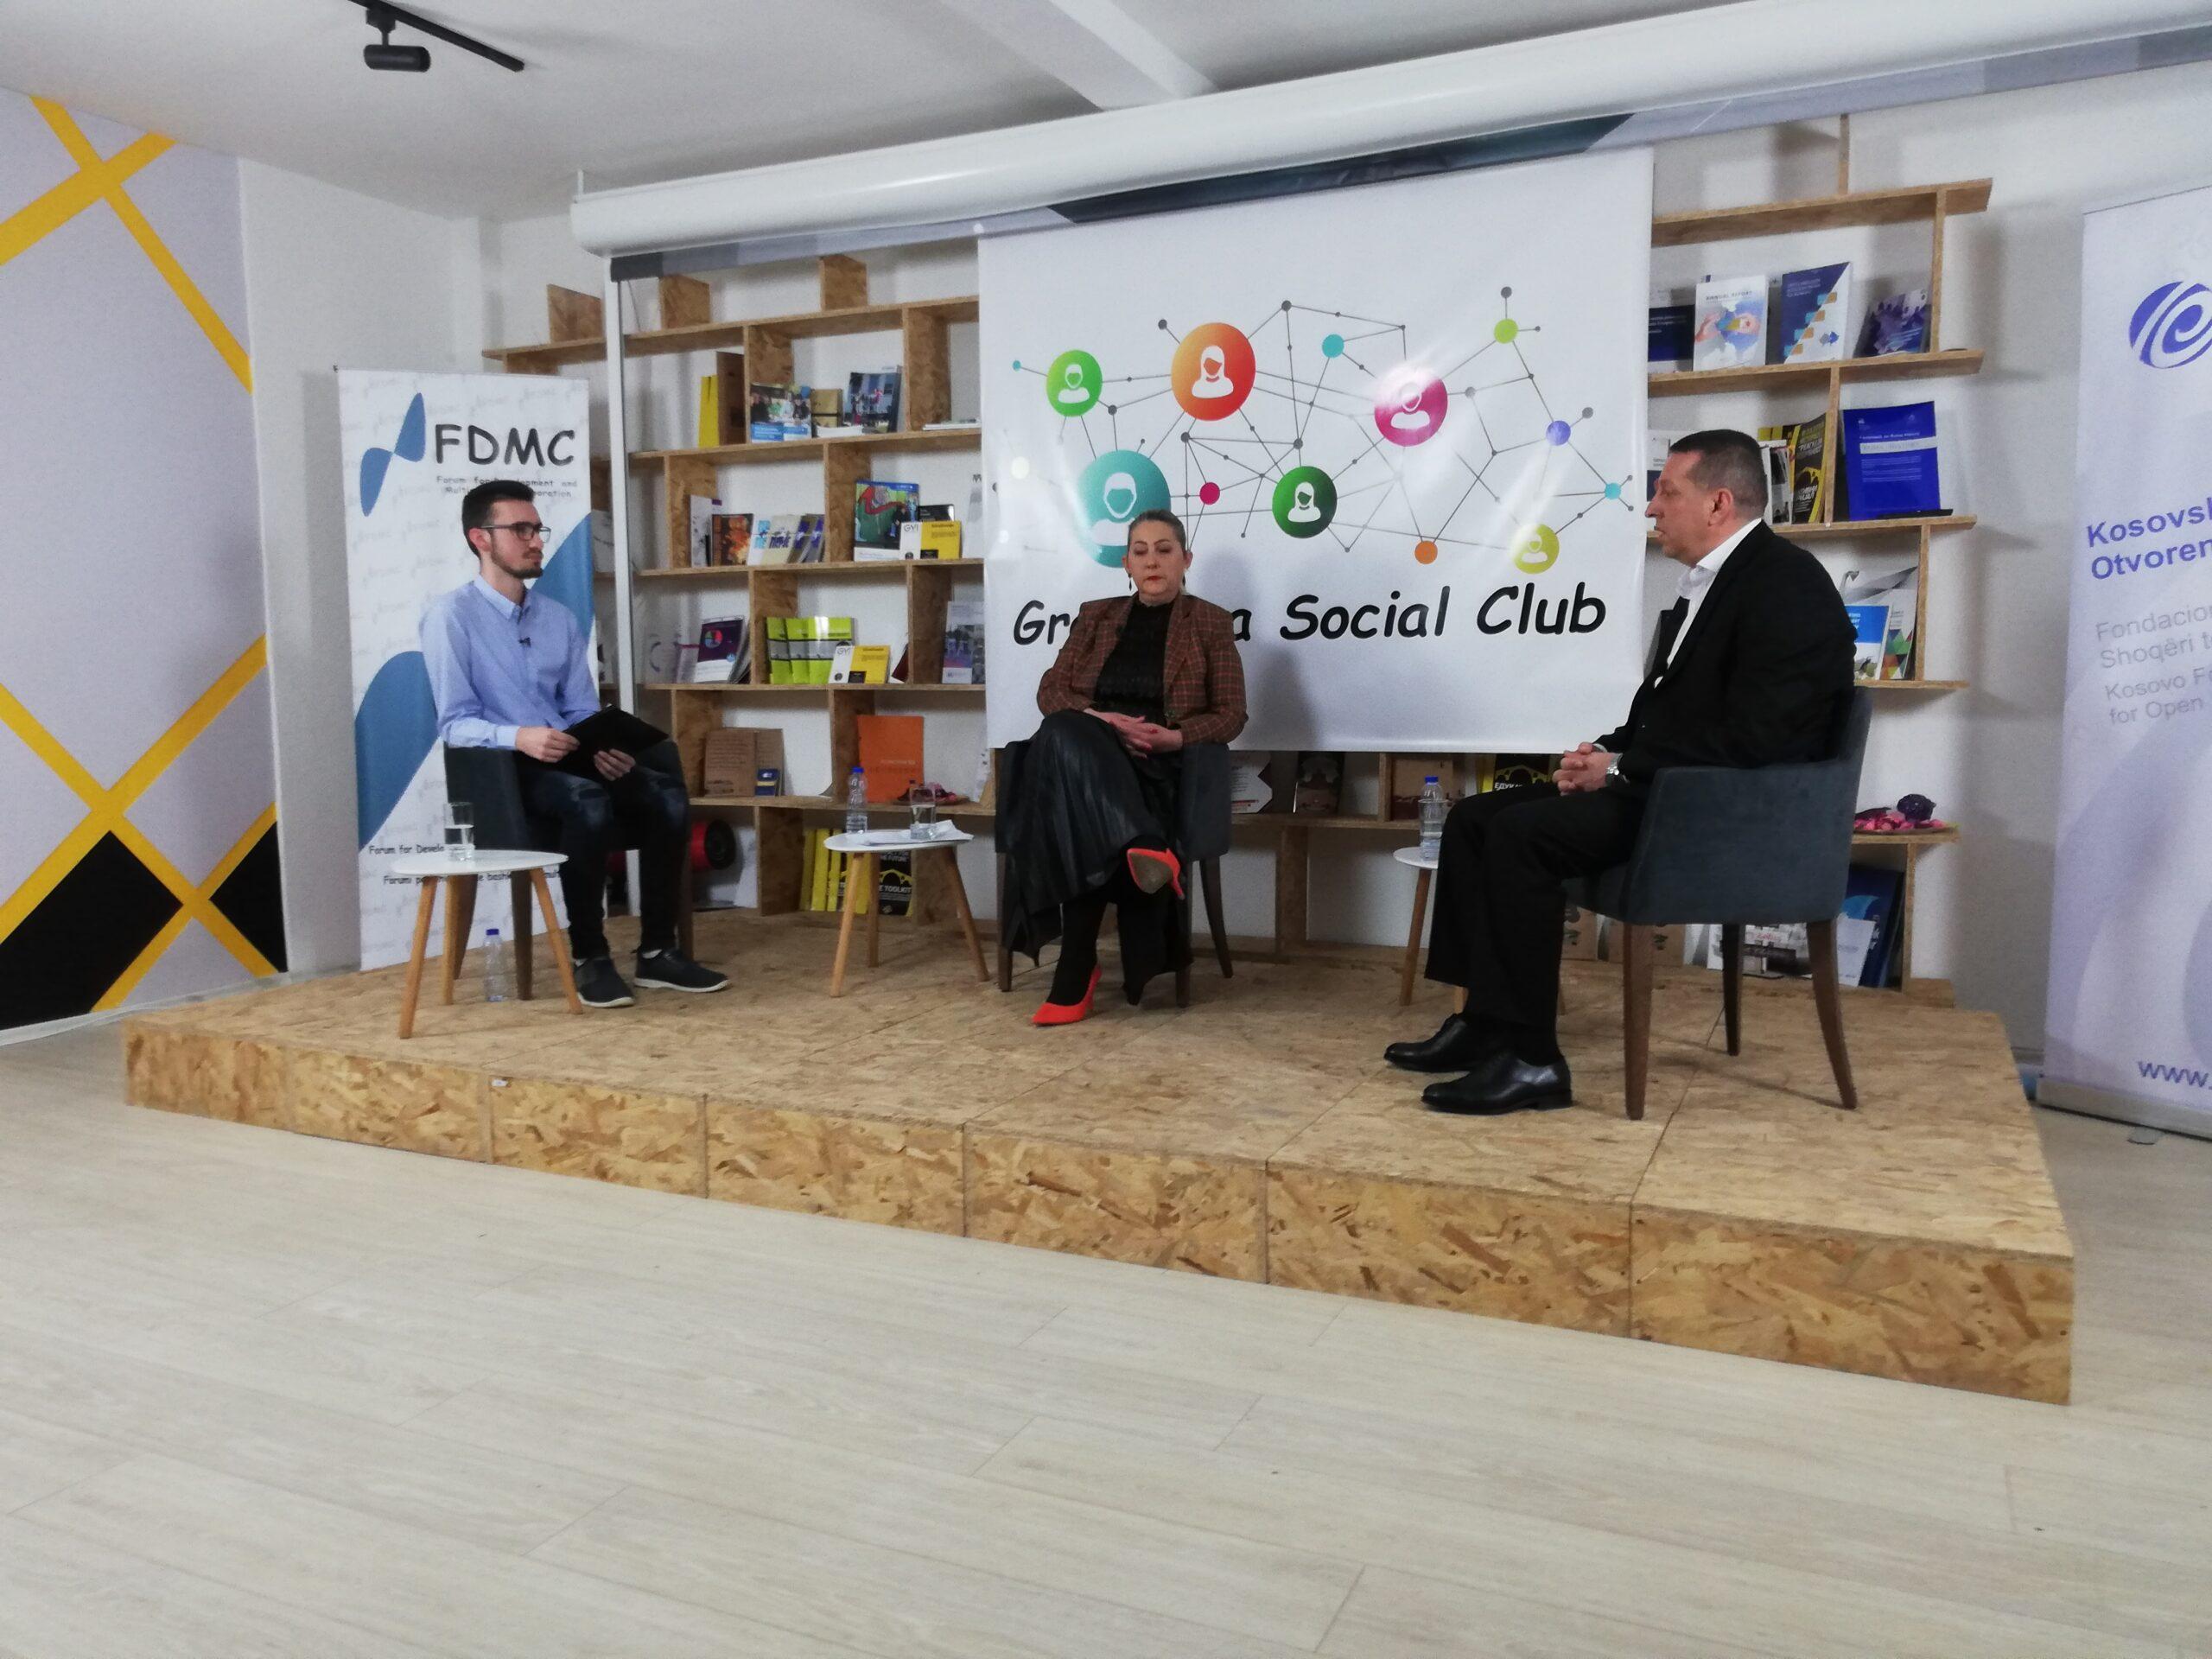 Gračanica Social Club – Stanje u opštinama